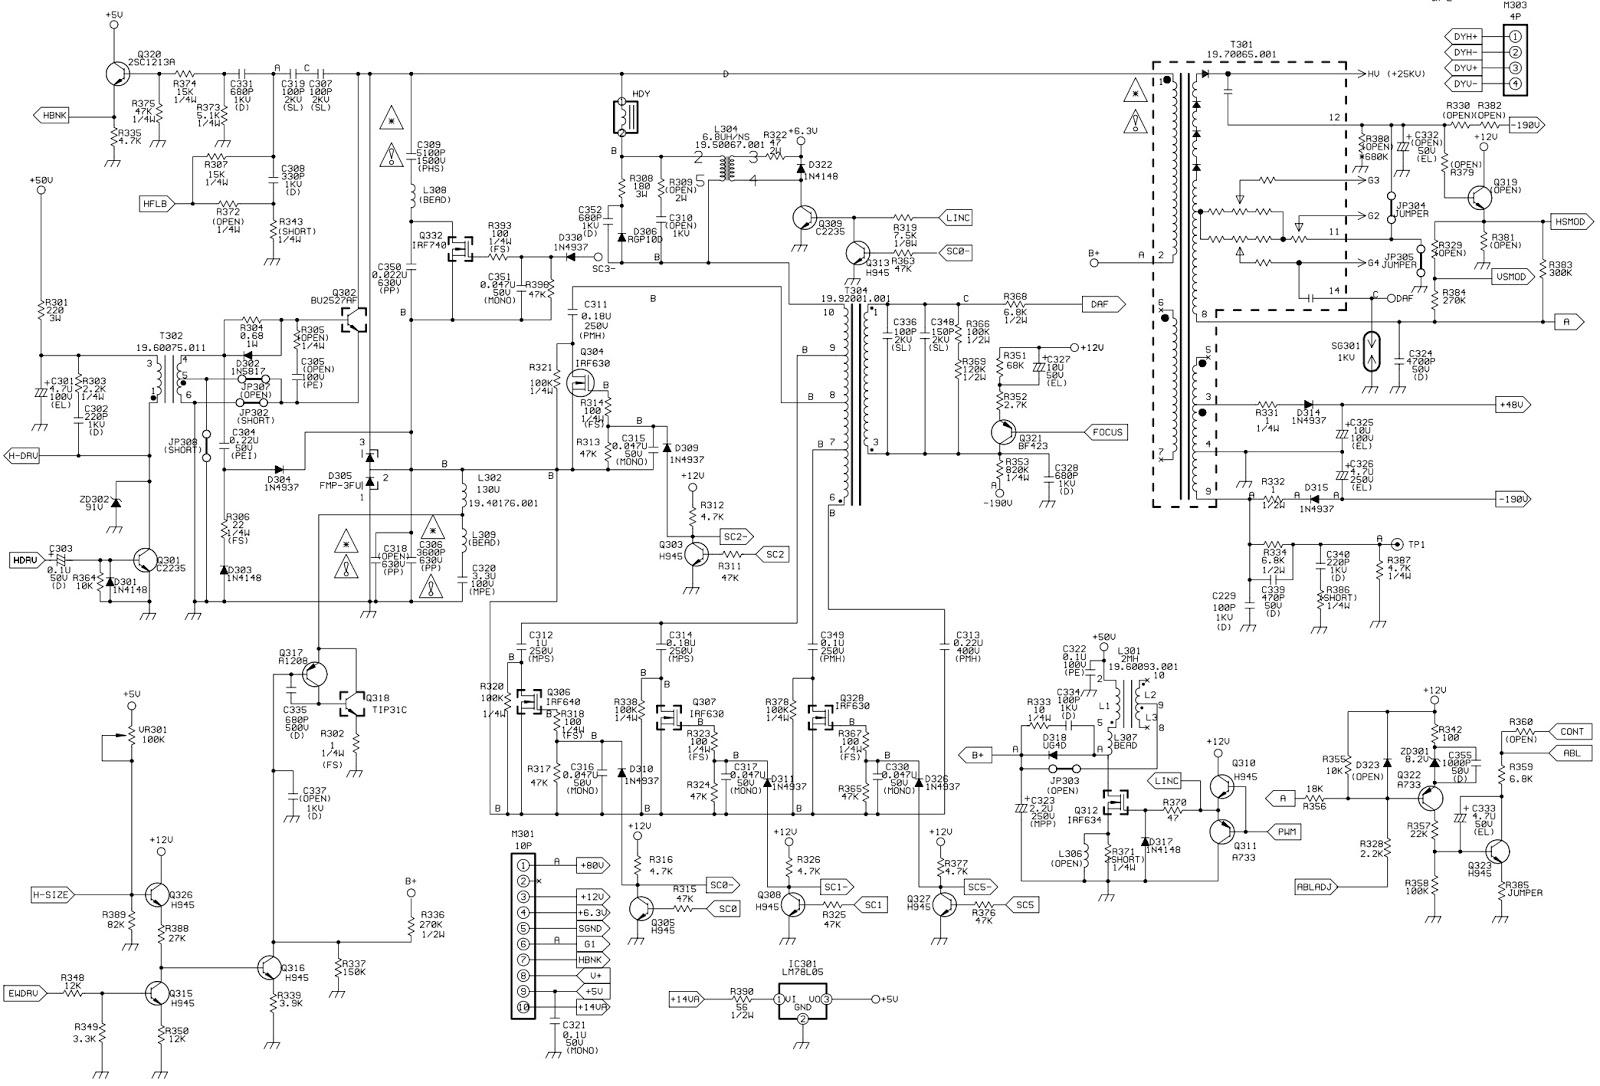 crt monitor circuit diagram